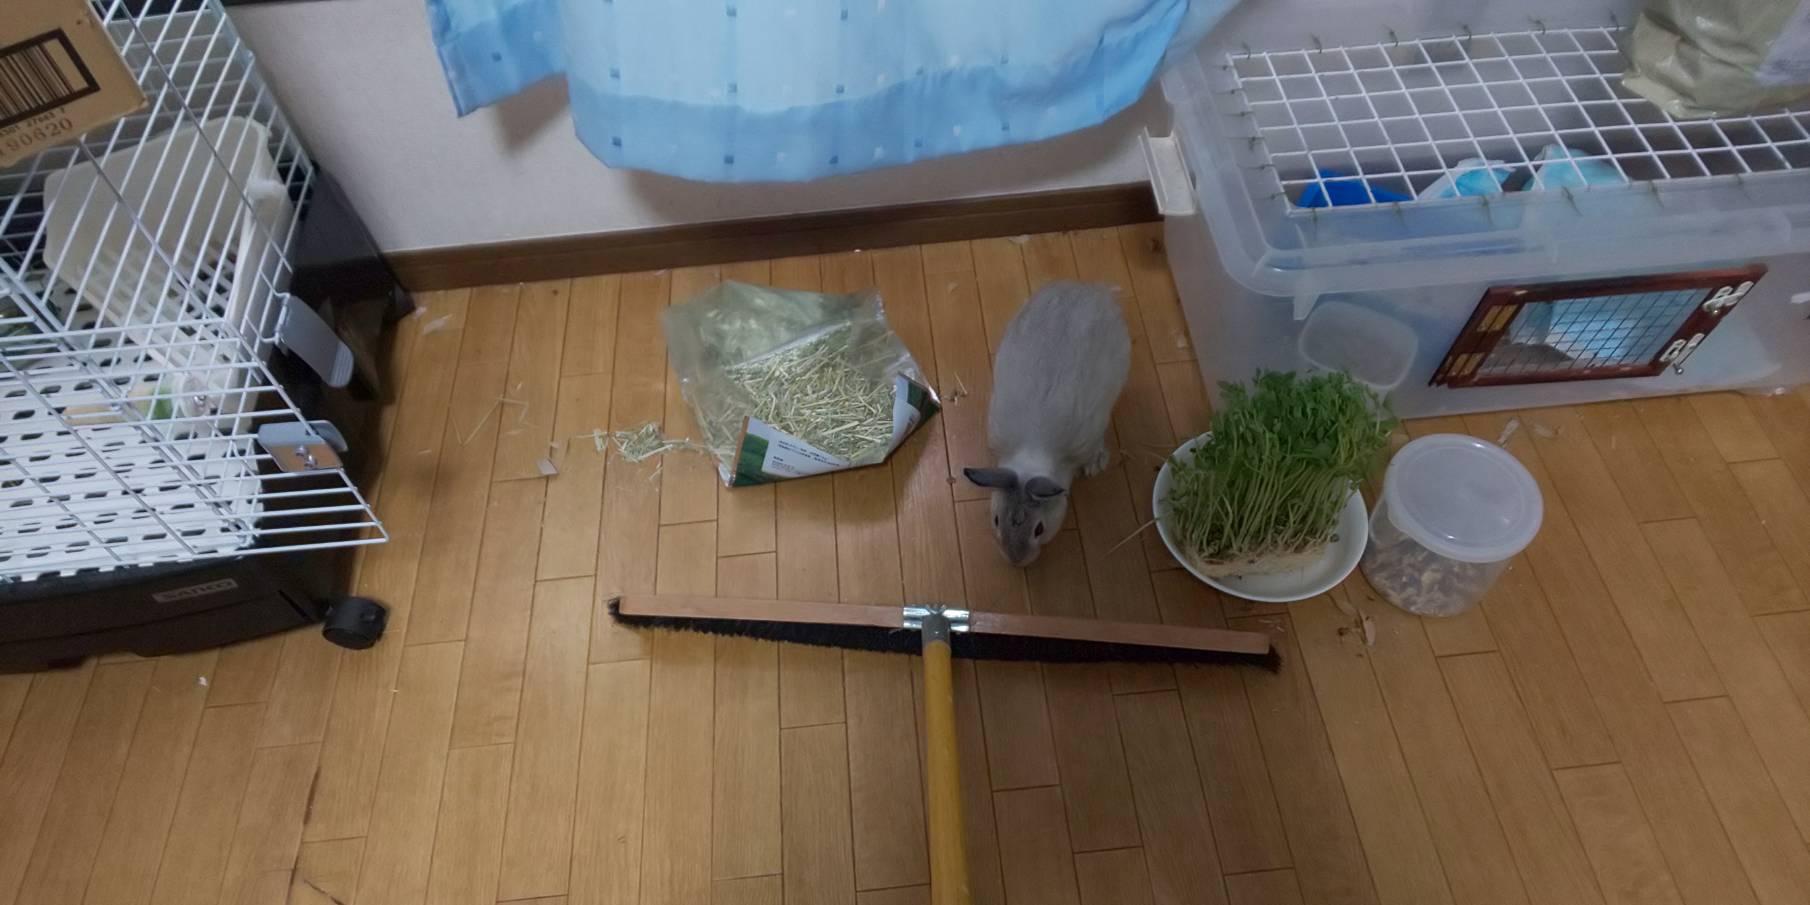 ウサギの掃除にはコレが一番かも。